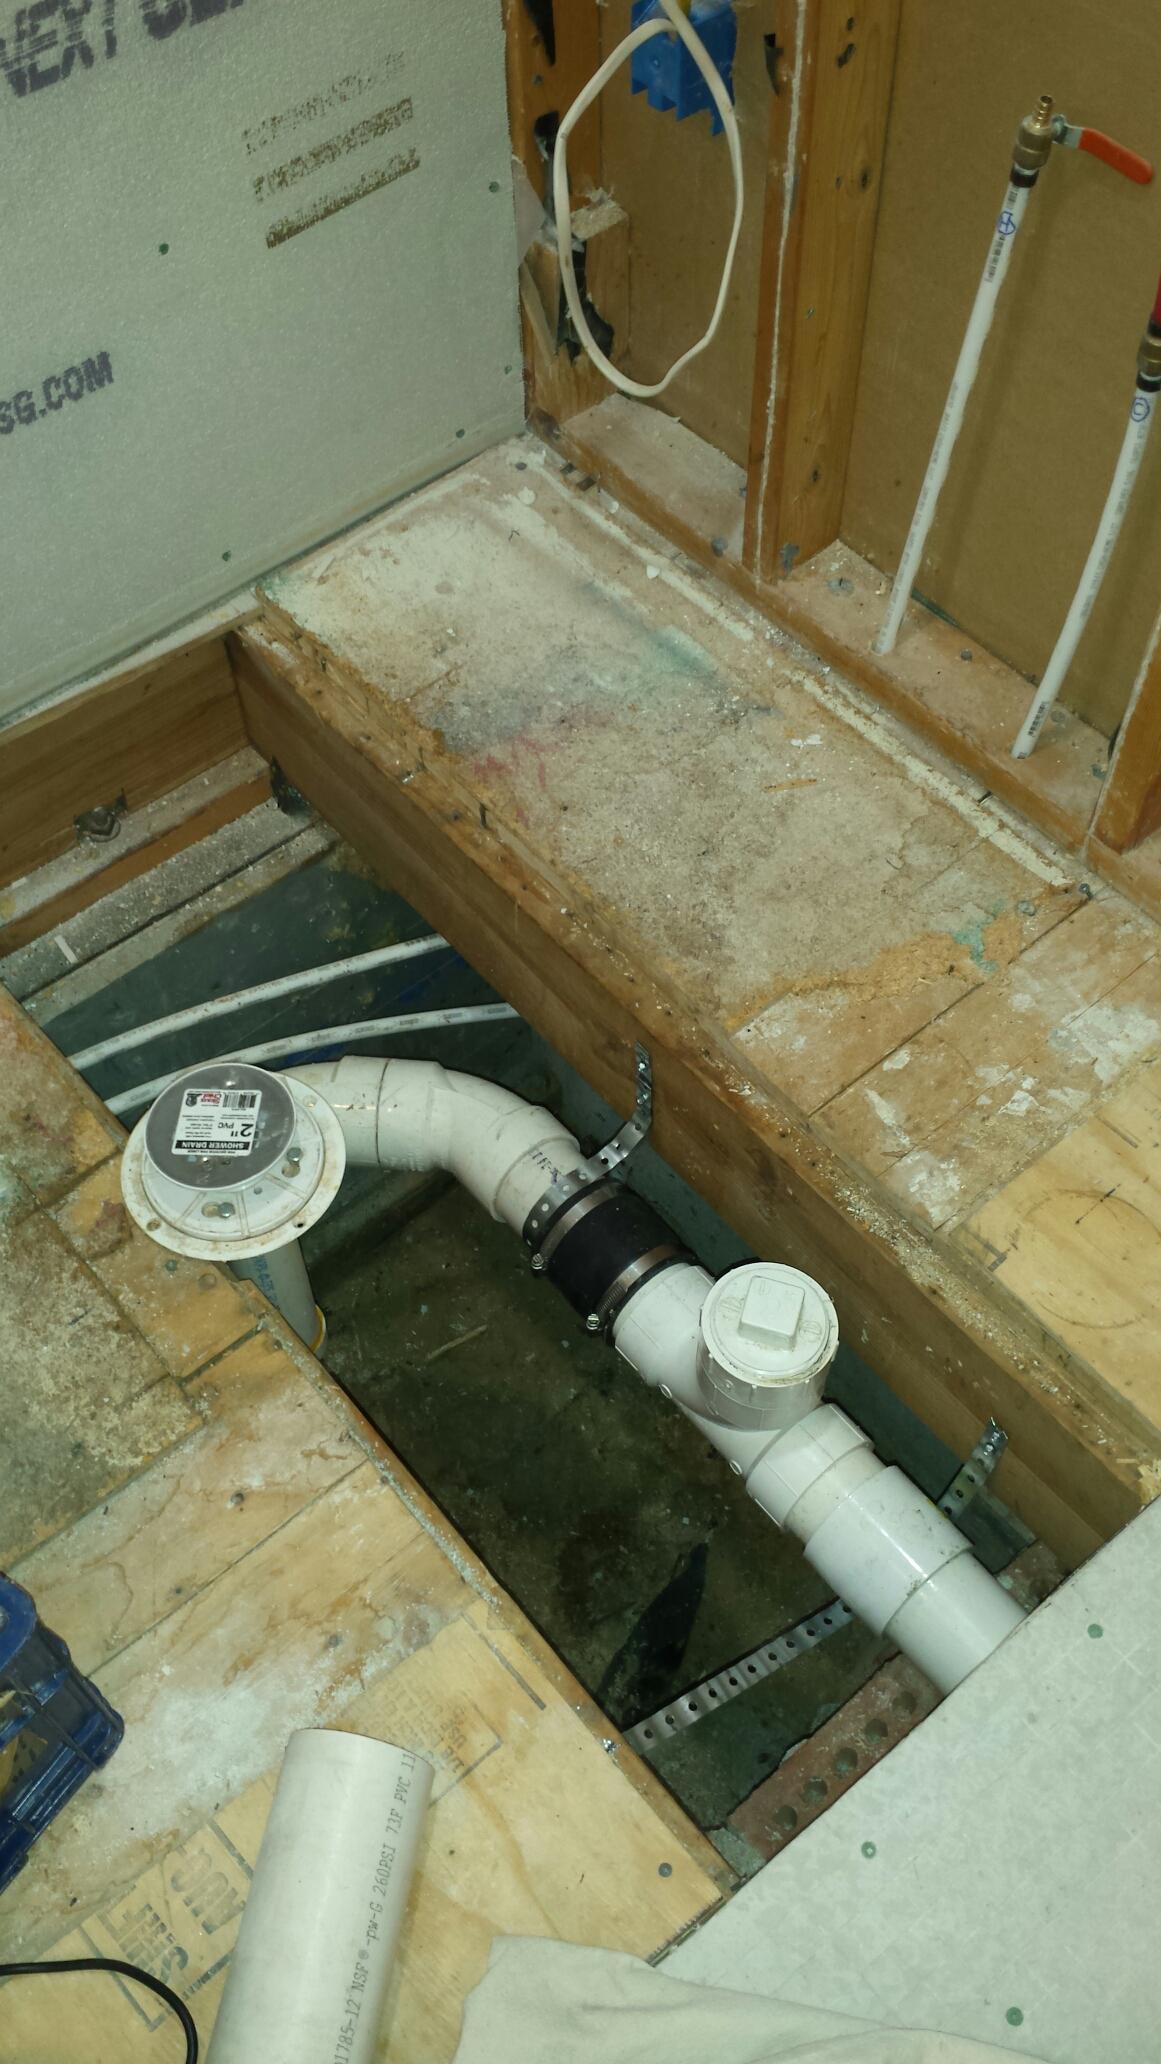 Plumbing Services Drain Amp Sewer Repair In Toledo Oh Plumbing Professors